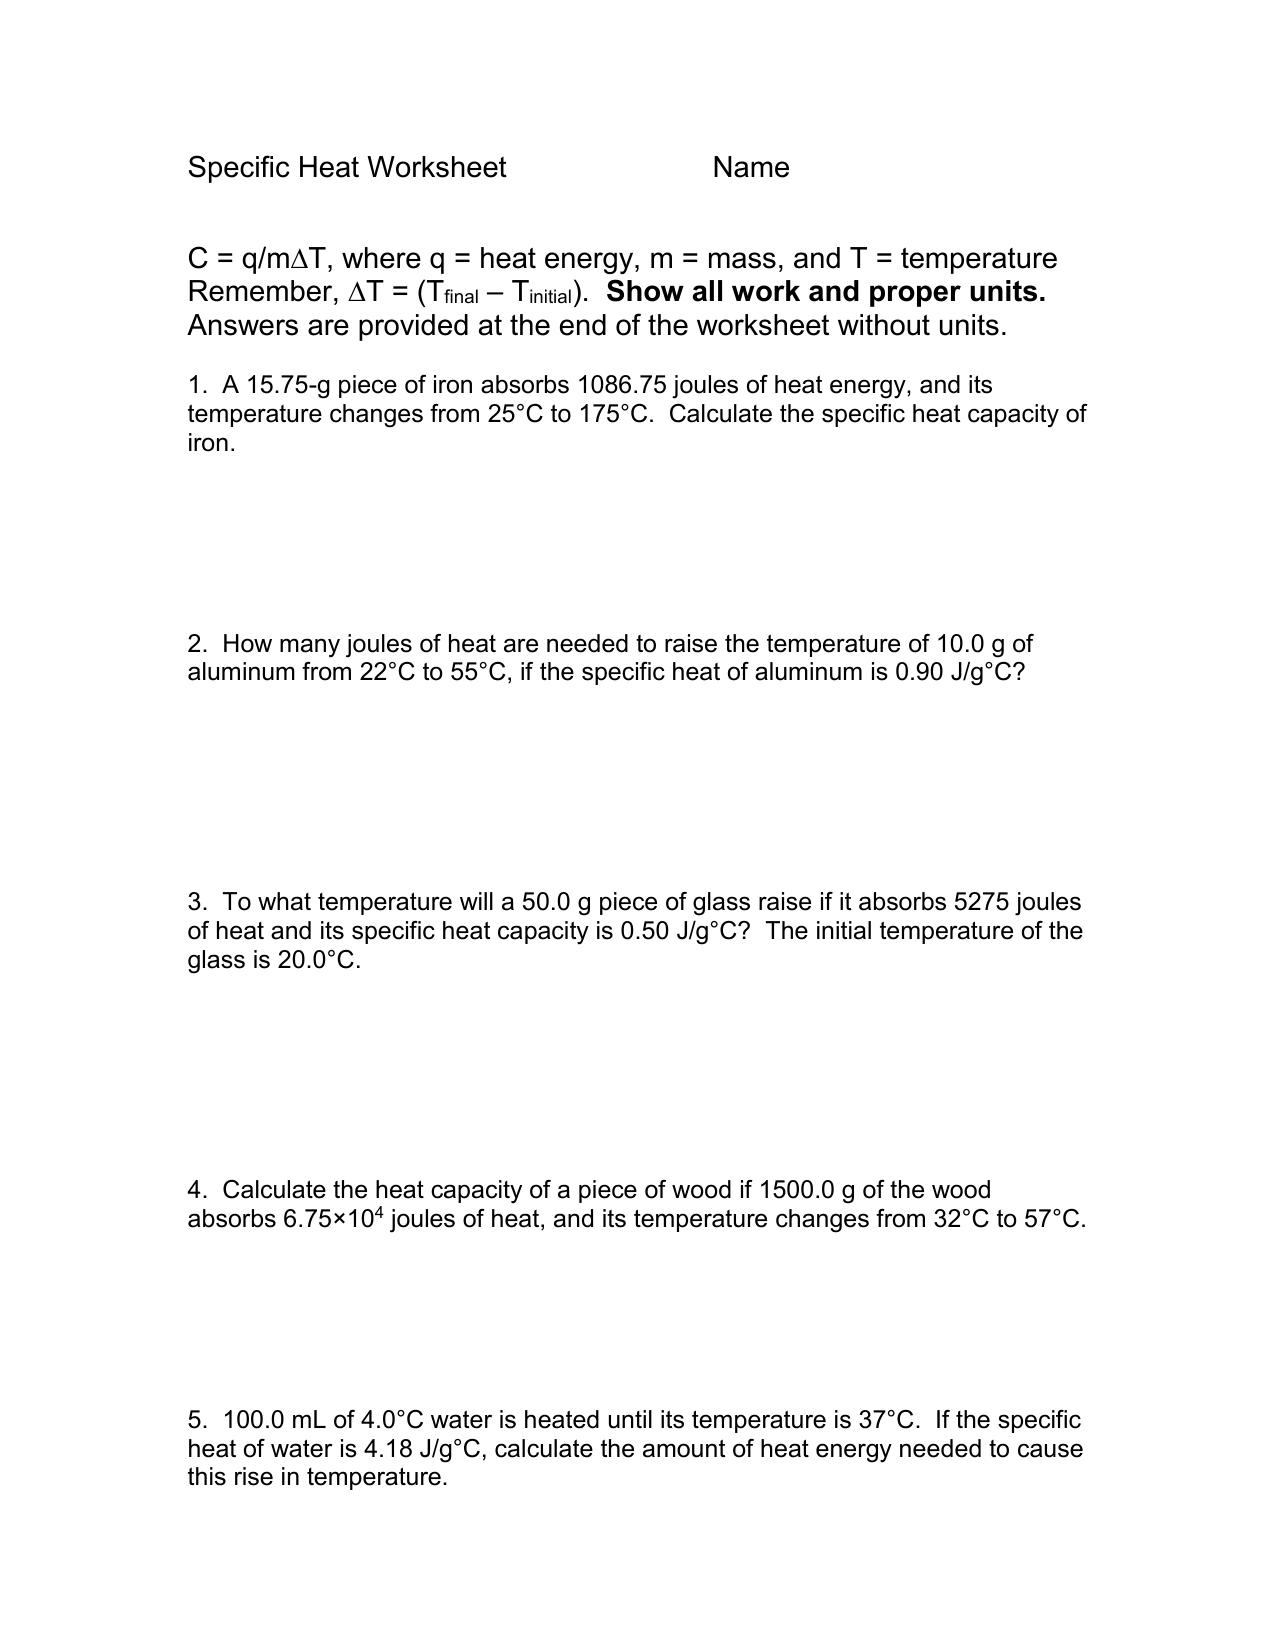 Specificheatworksheet 1